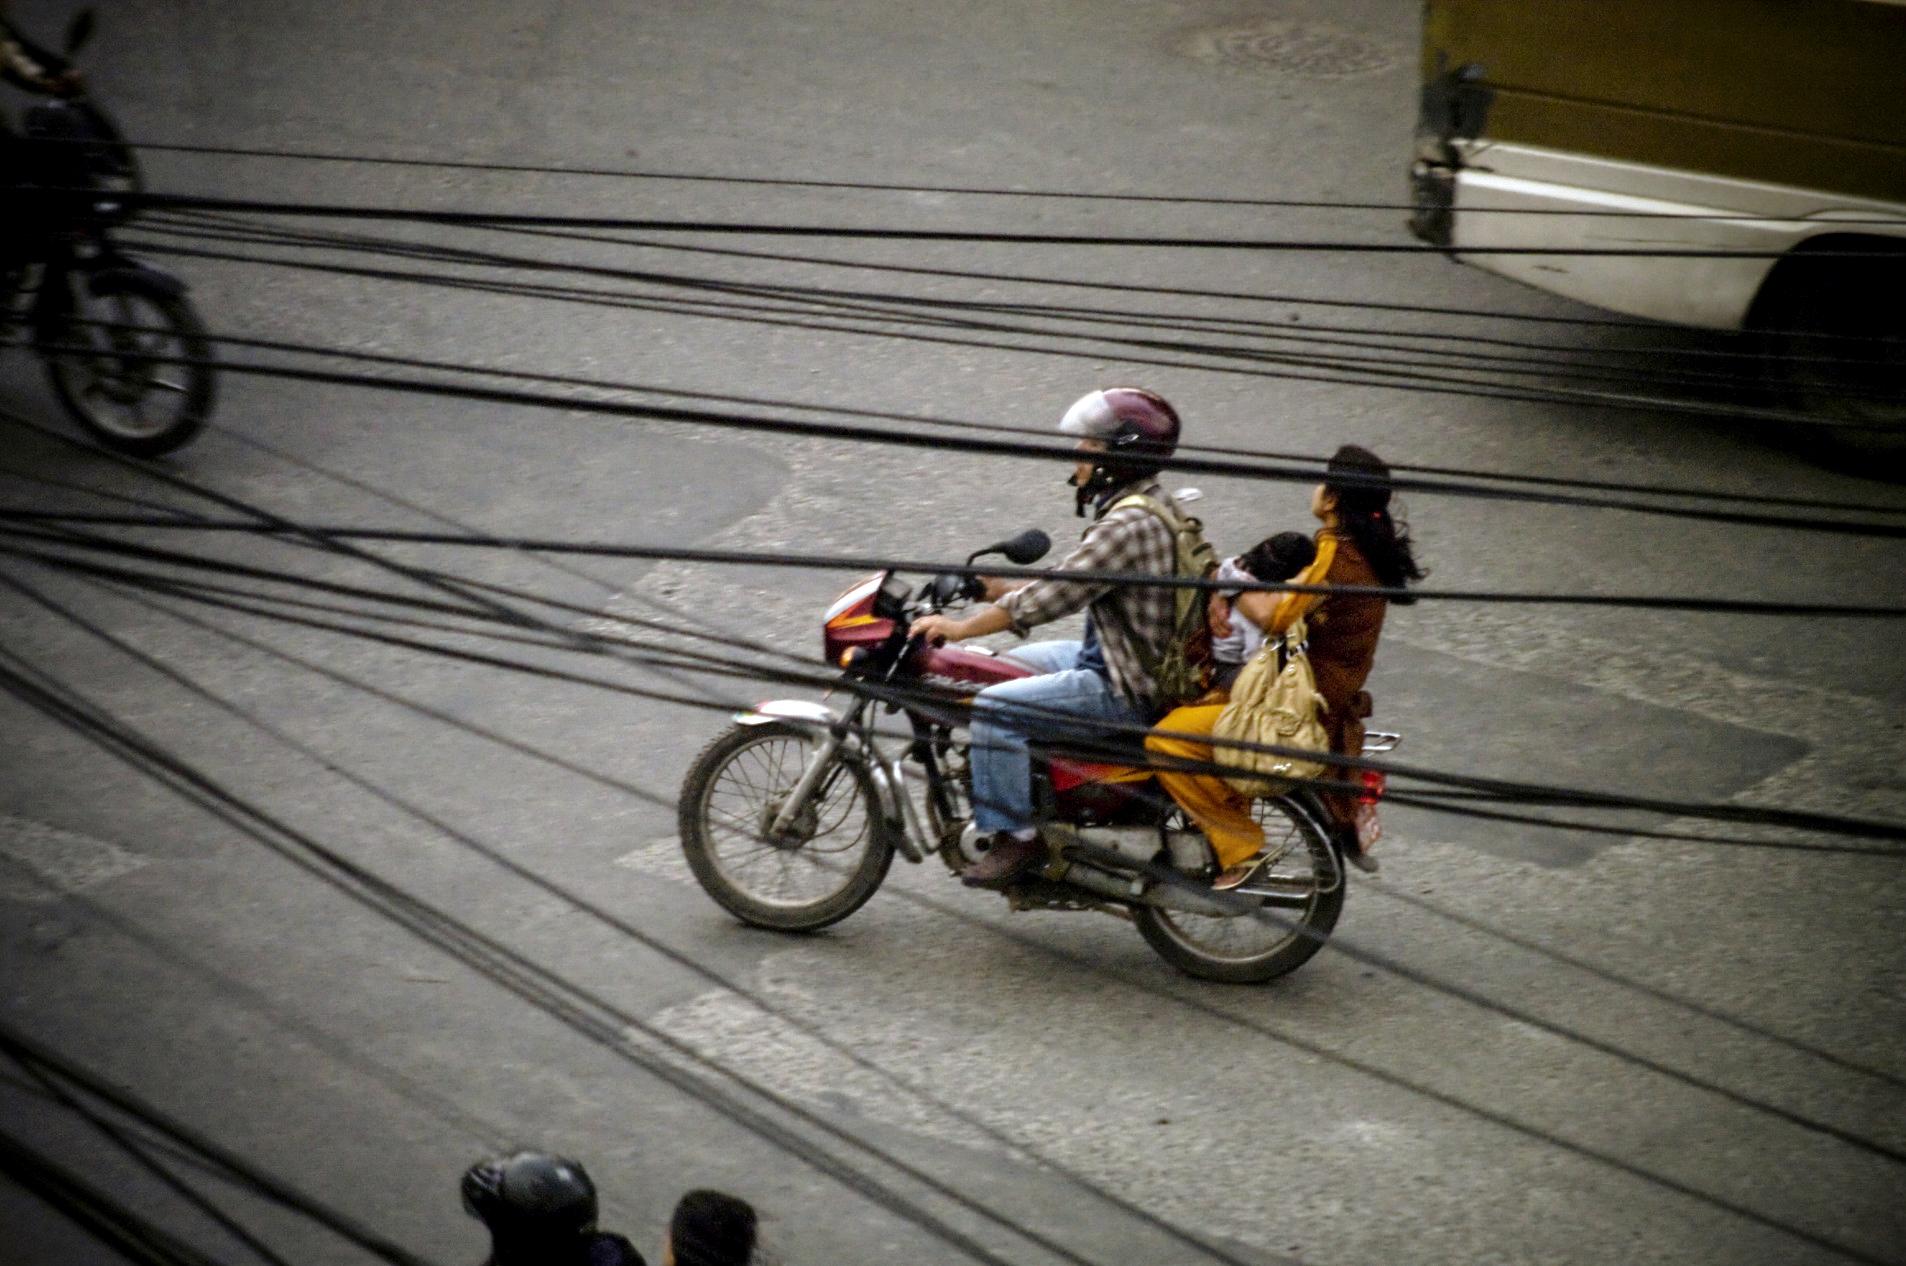 GIZ_Mobility_Nepal_IGP9824b_Carolin-Weinkopf